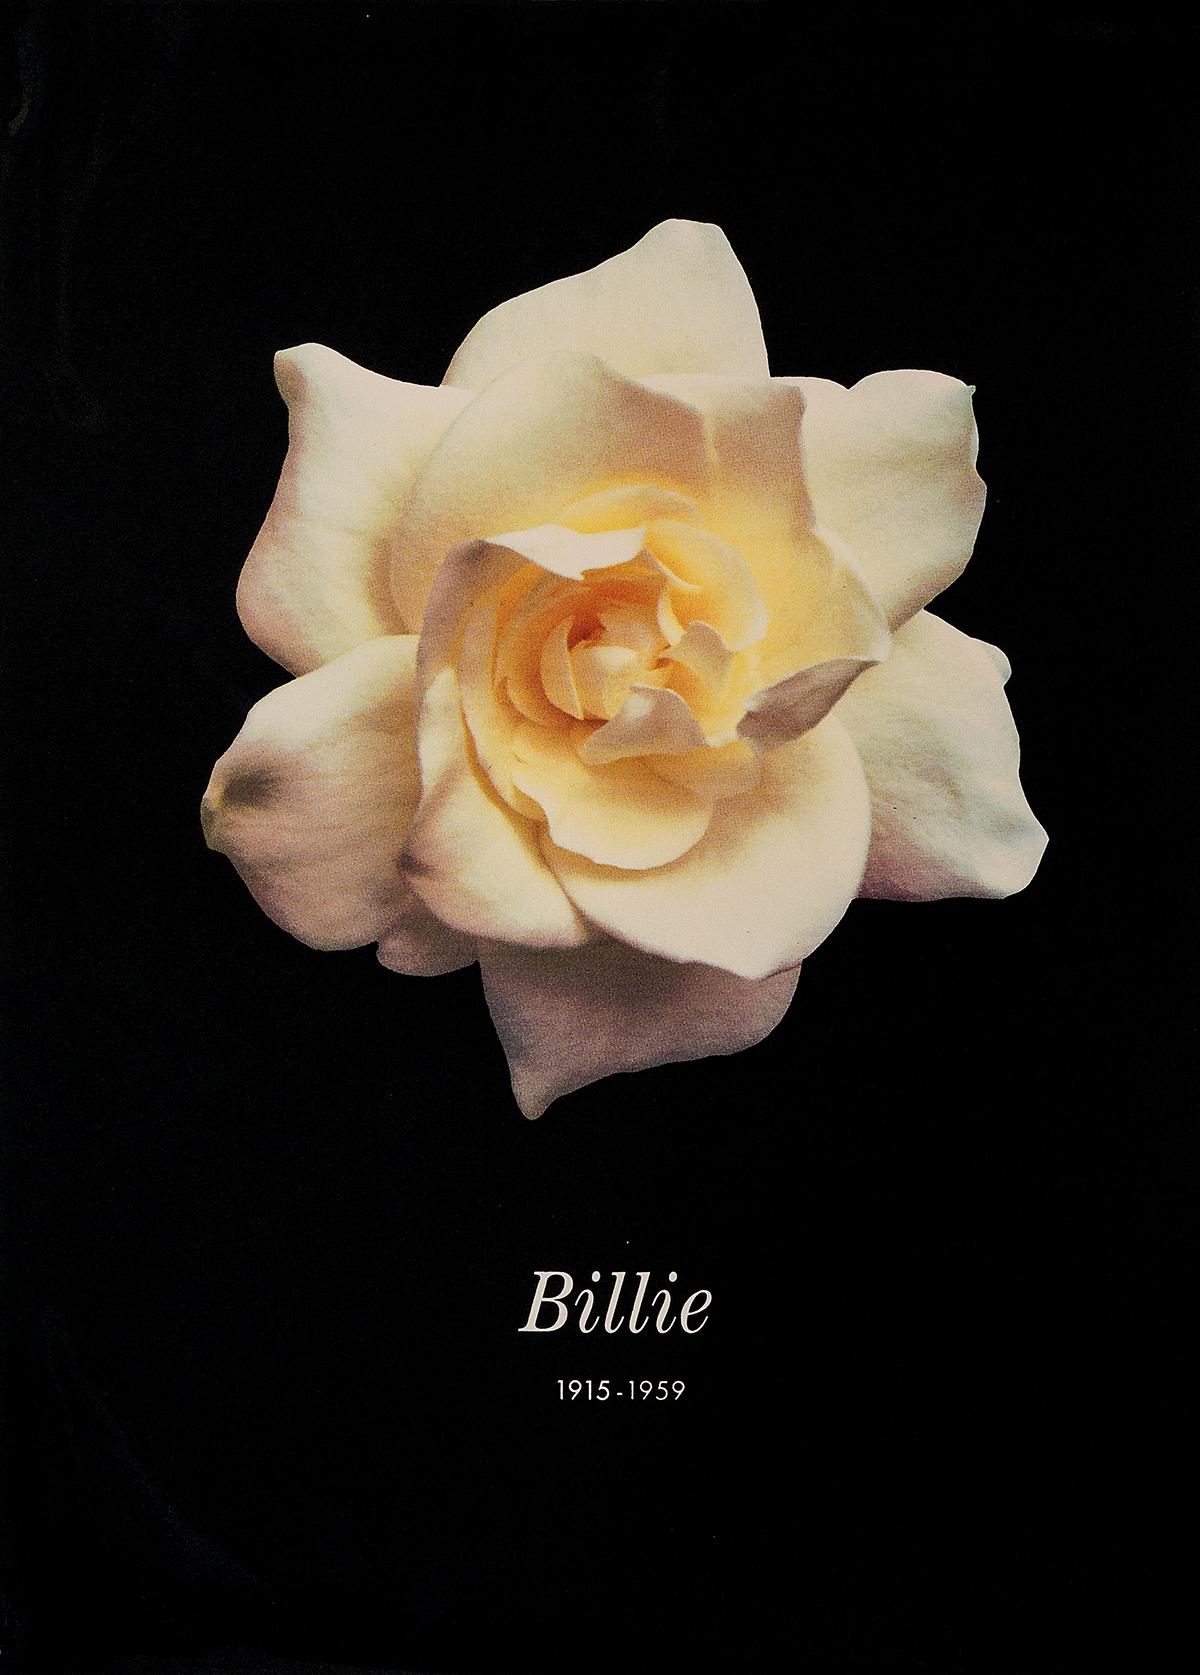 Camille Sacha Salvador   Billie  / Fall 2013